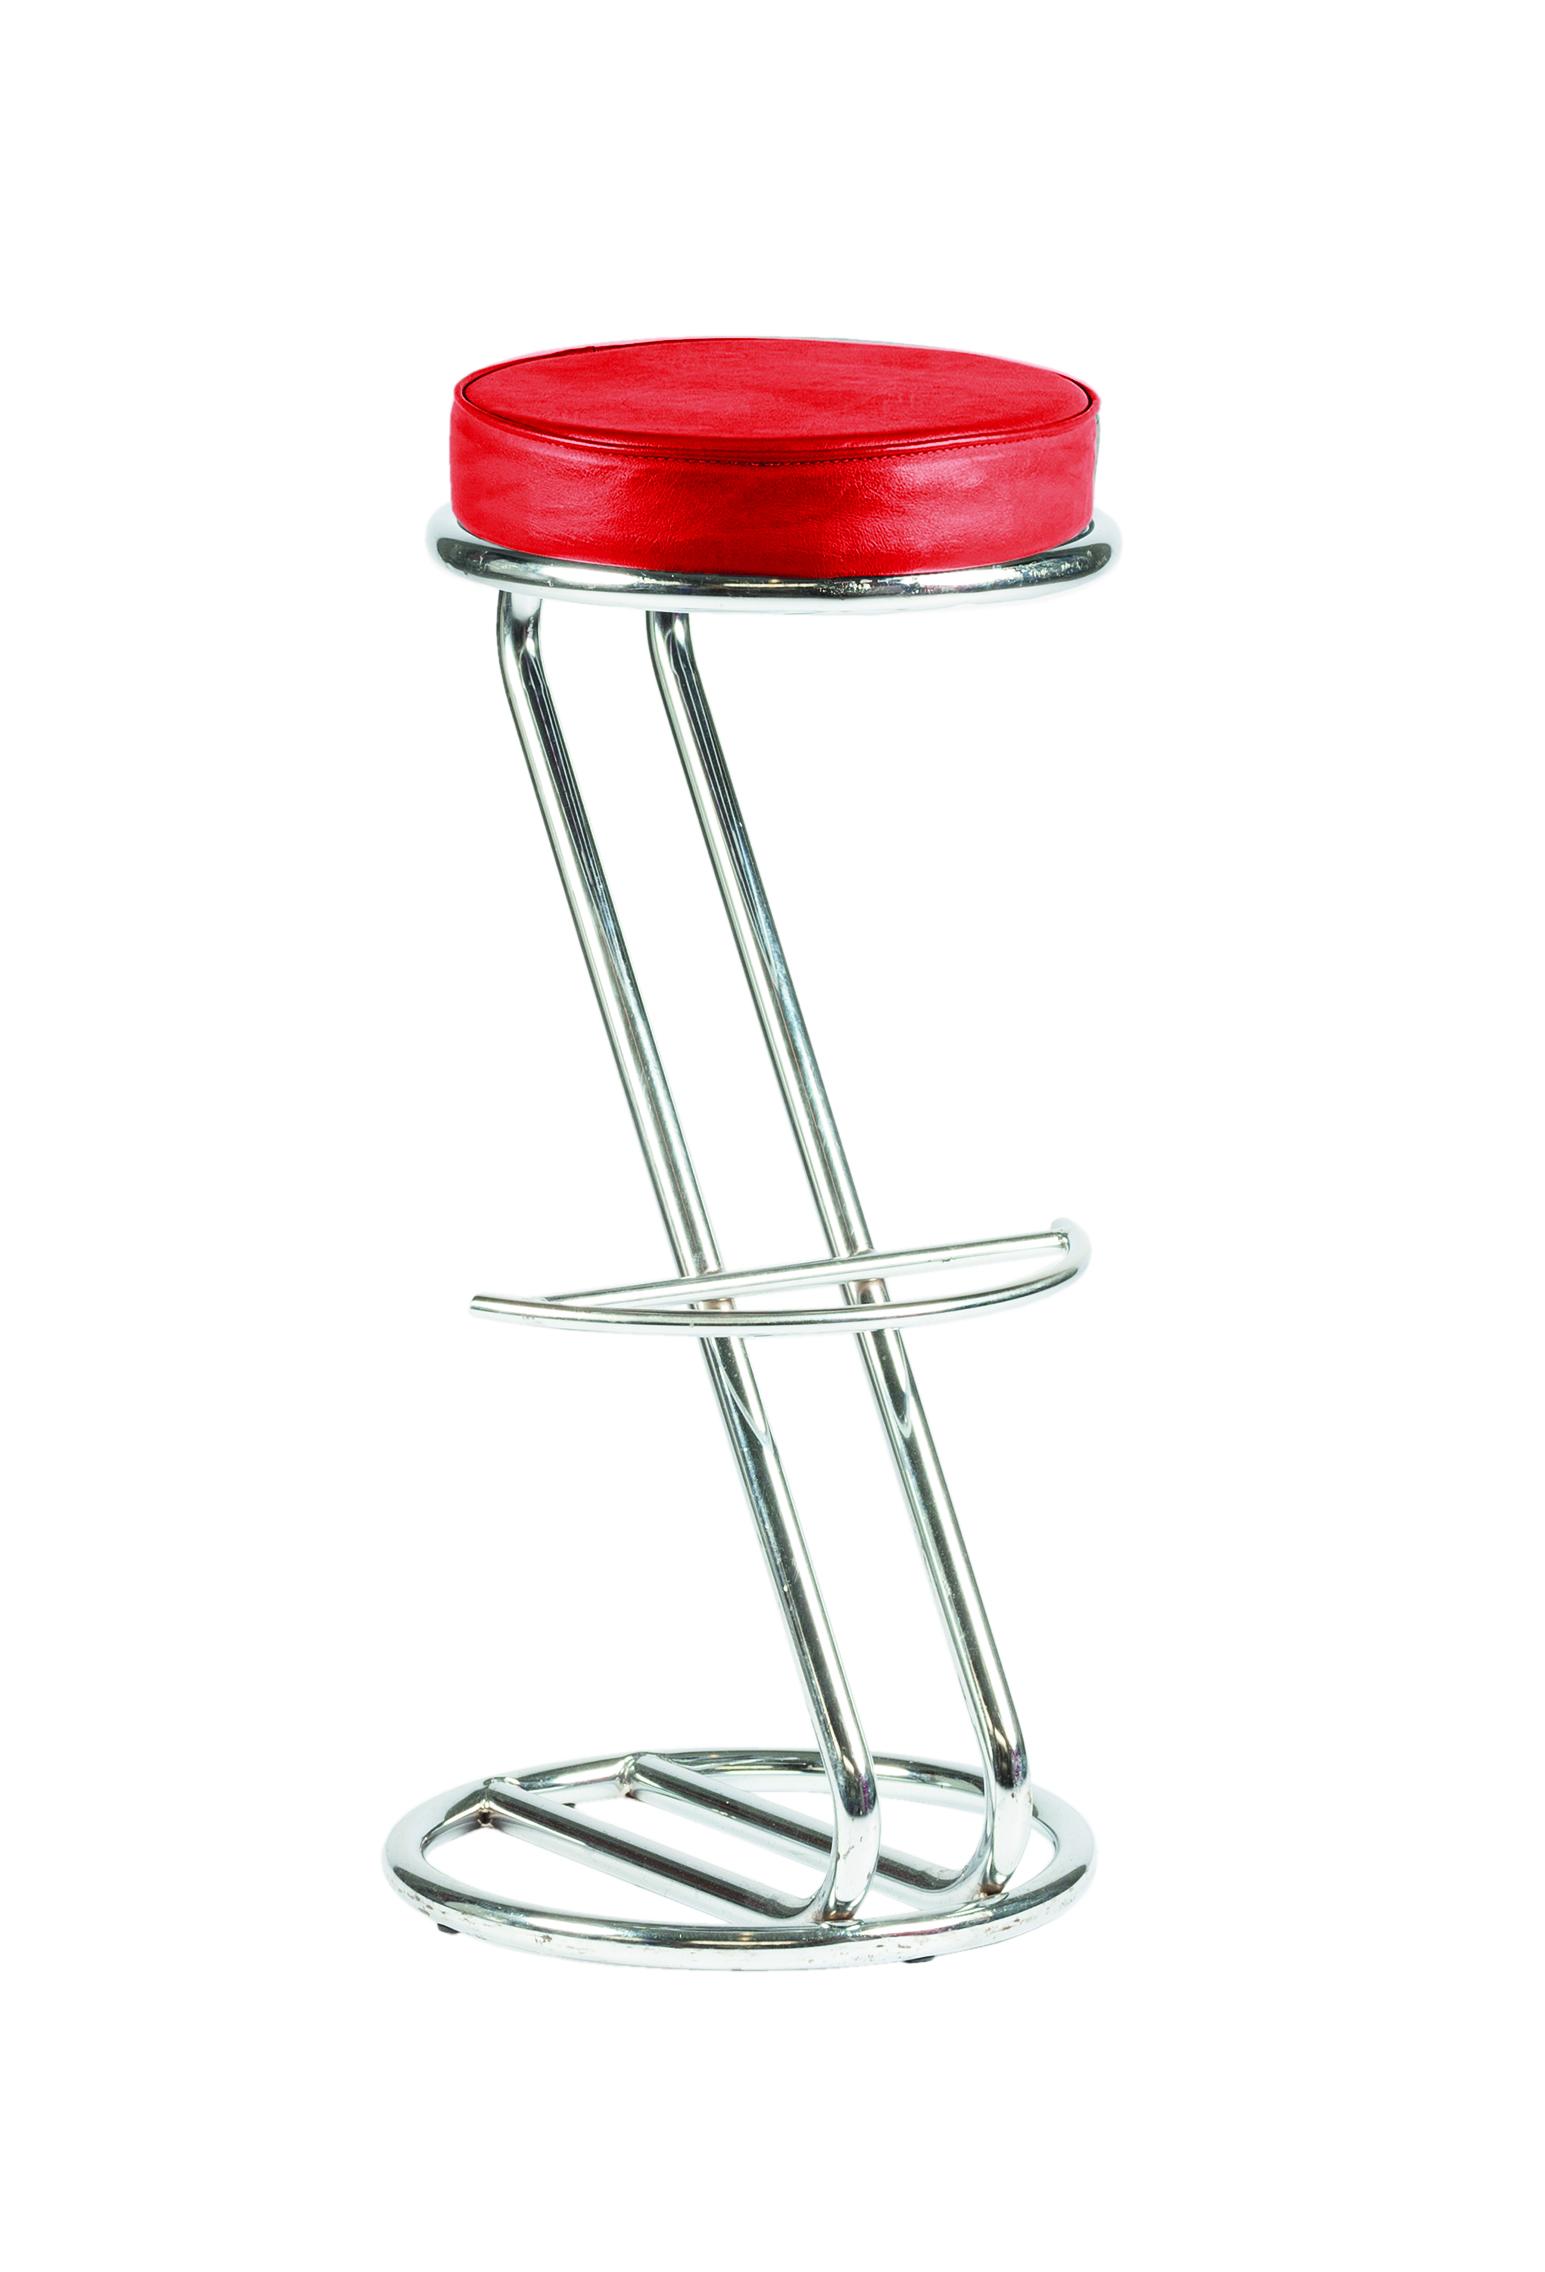 """Barhocker """"Z"""" (Tresenhocker, Tresensitz, Barsitz) - Barstühle in rot, schwarz, weiß, grau - mit Fußablage, günstig & mega-reduziert"""